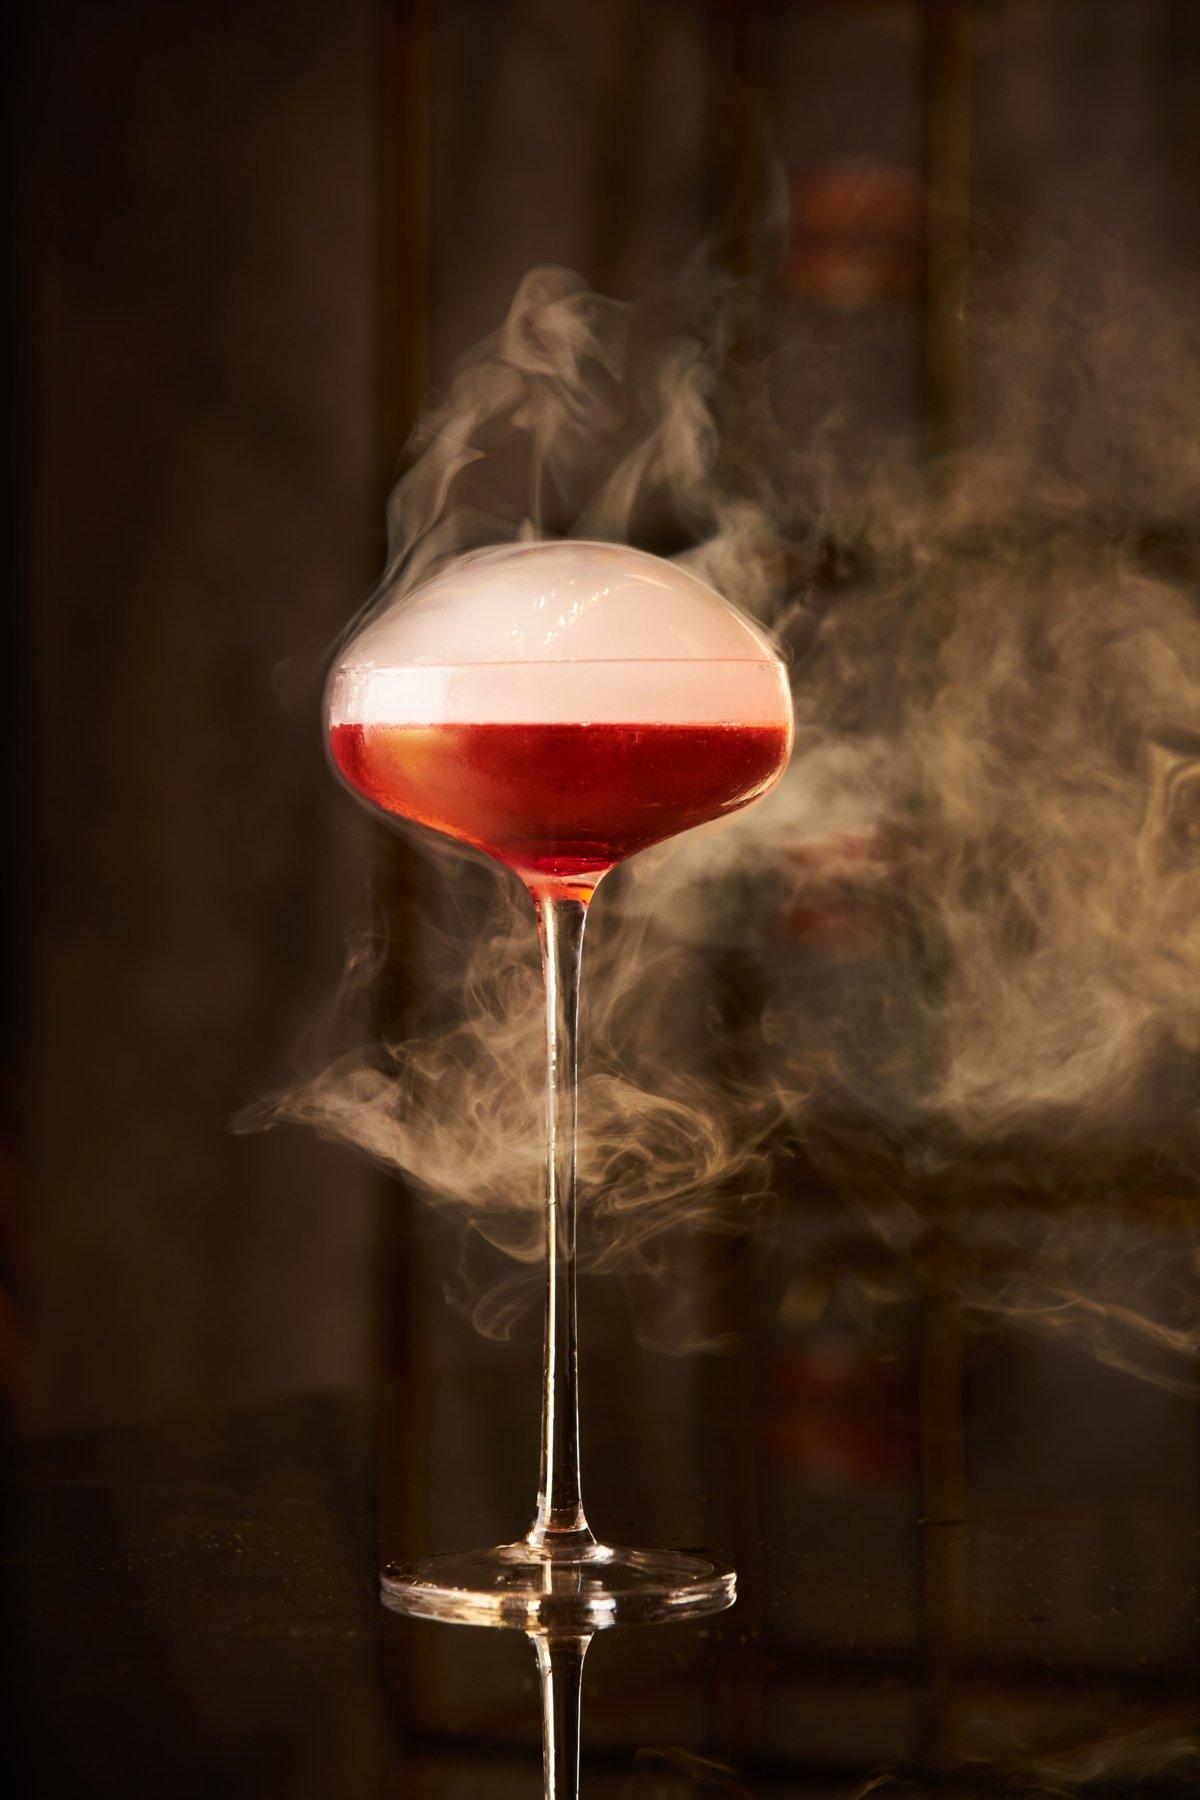 餐廳招牌雞尾酒「mr.kanso」以純米大吟釀為基酒,配以荔枝甜酒、果汁、接骨木花湯力水調製;清香帶甜的味道適合配襯帶甜的食品。($128)